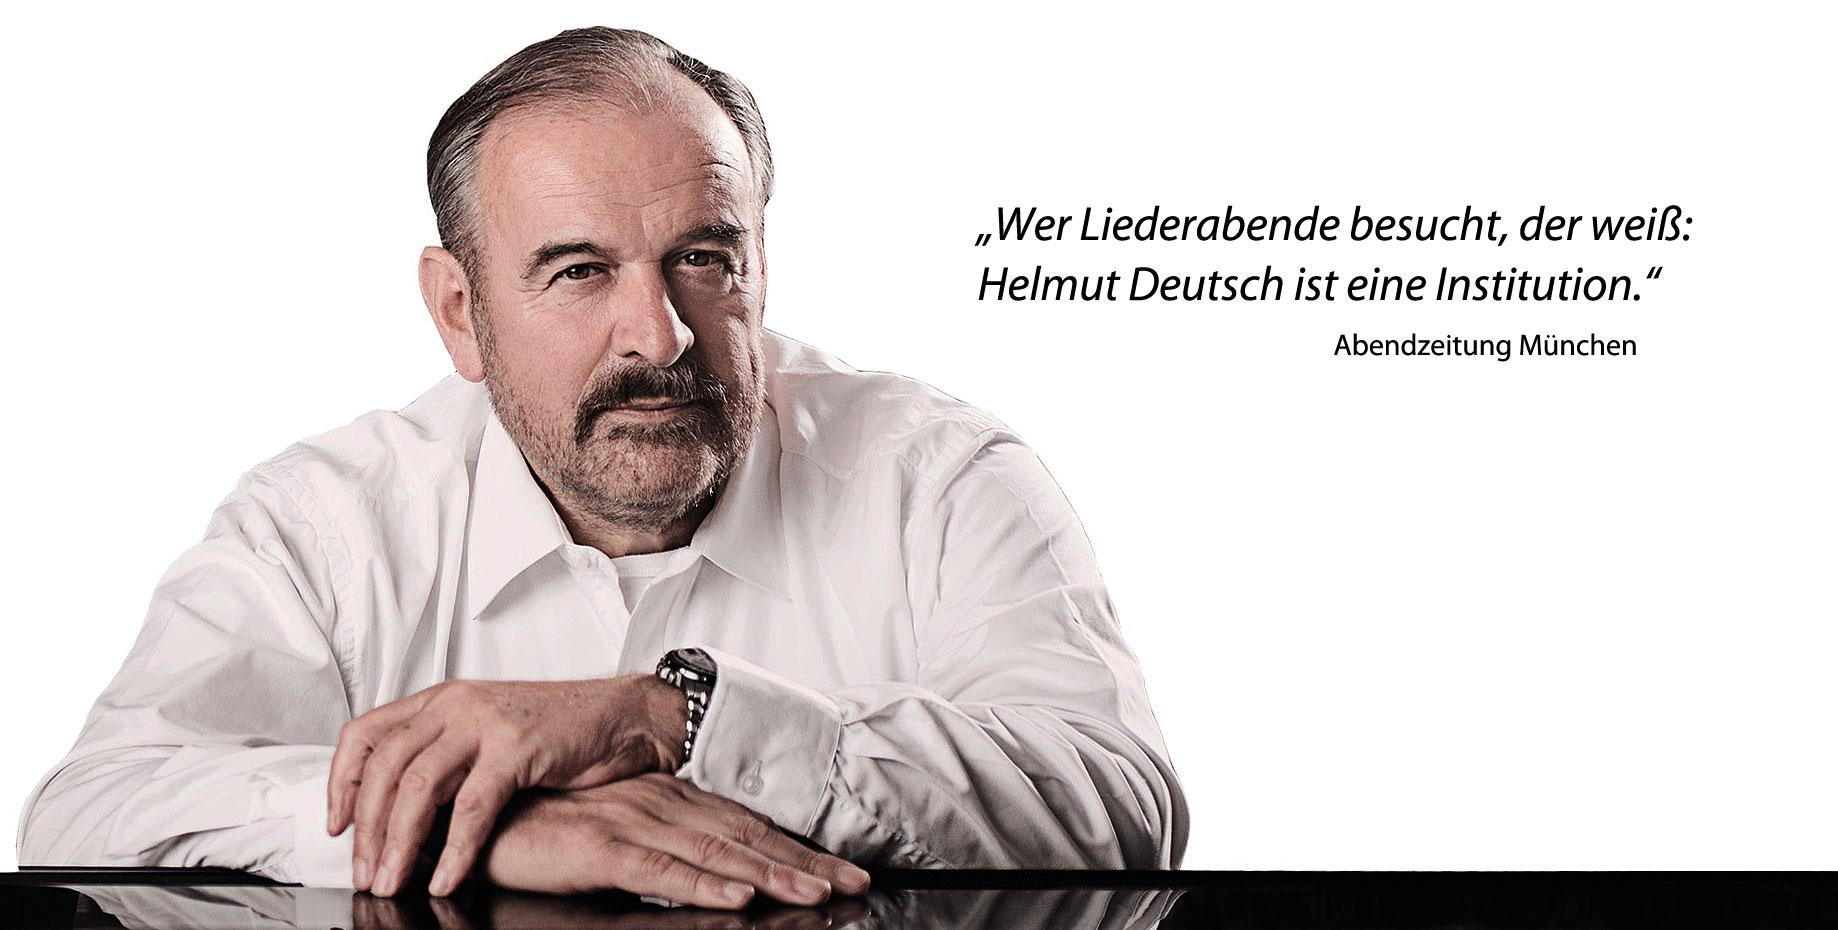 """""""Wer Liederabende besucht, der weiß: Helmut Deutsch ist eine Institution."""" Abendzeitung München"""